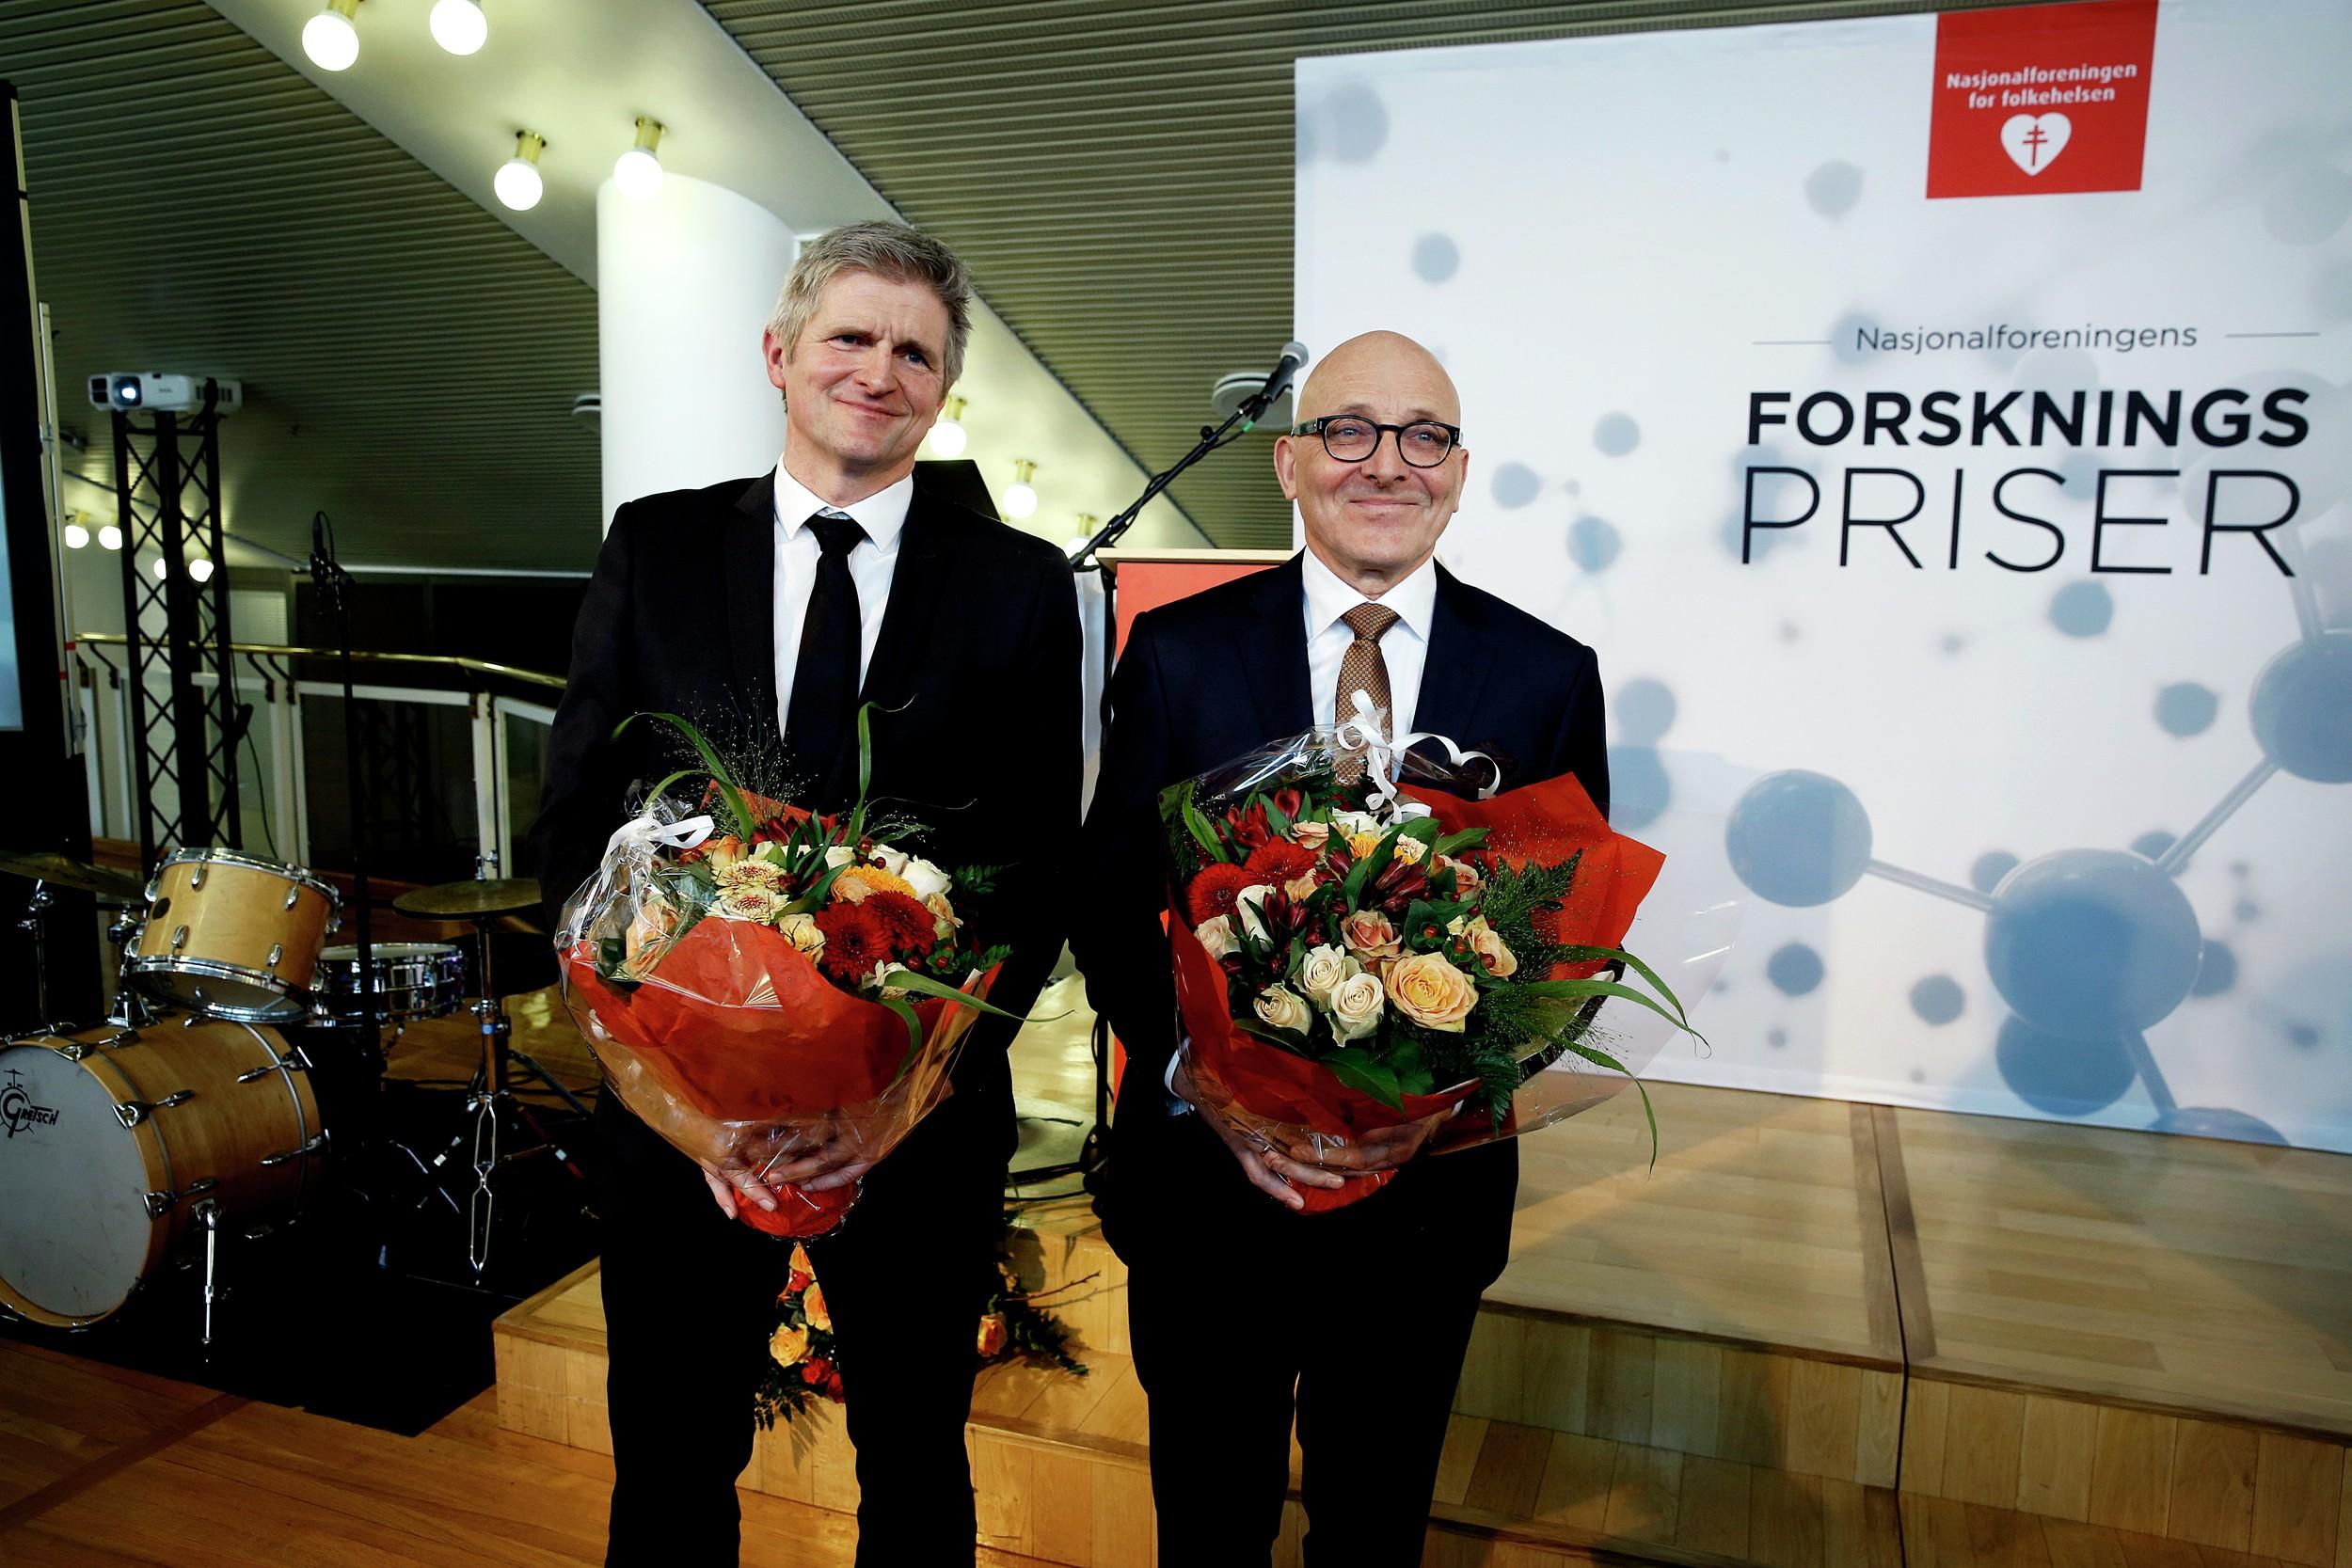 Geir Selbæk og Kaare Bønaa står med en blomsterbukett etter å ha mottatt Nasjonalforeningesn forskningspriser. Foto